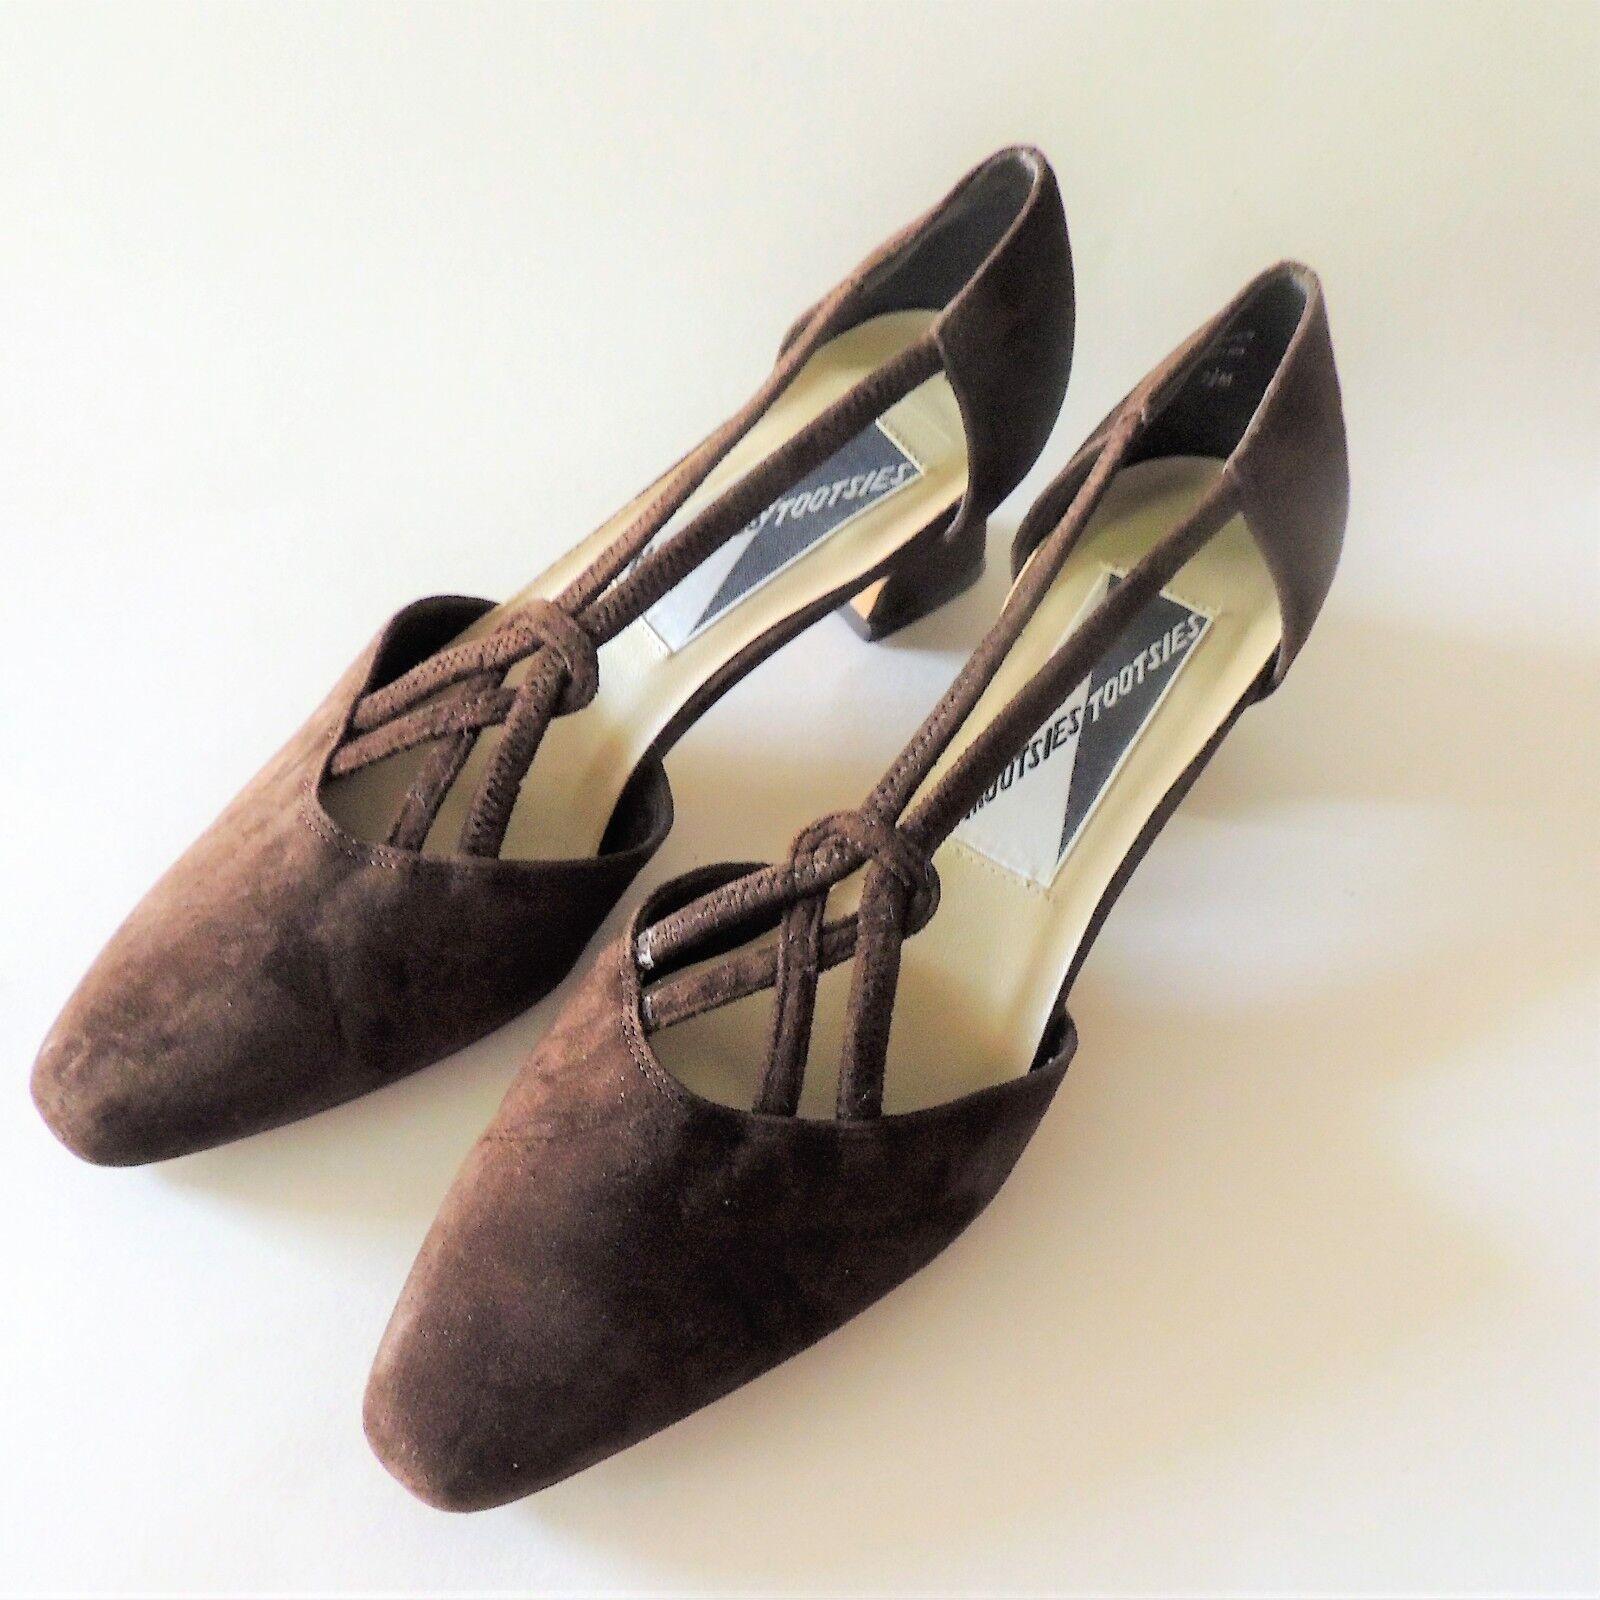 Mootsie Tootsie Suede Heels Size 7.5 Brown Suede Tootsie 2c839f